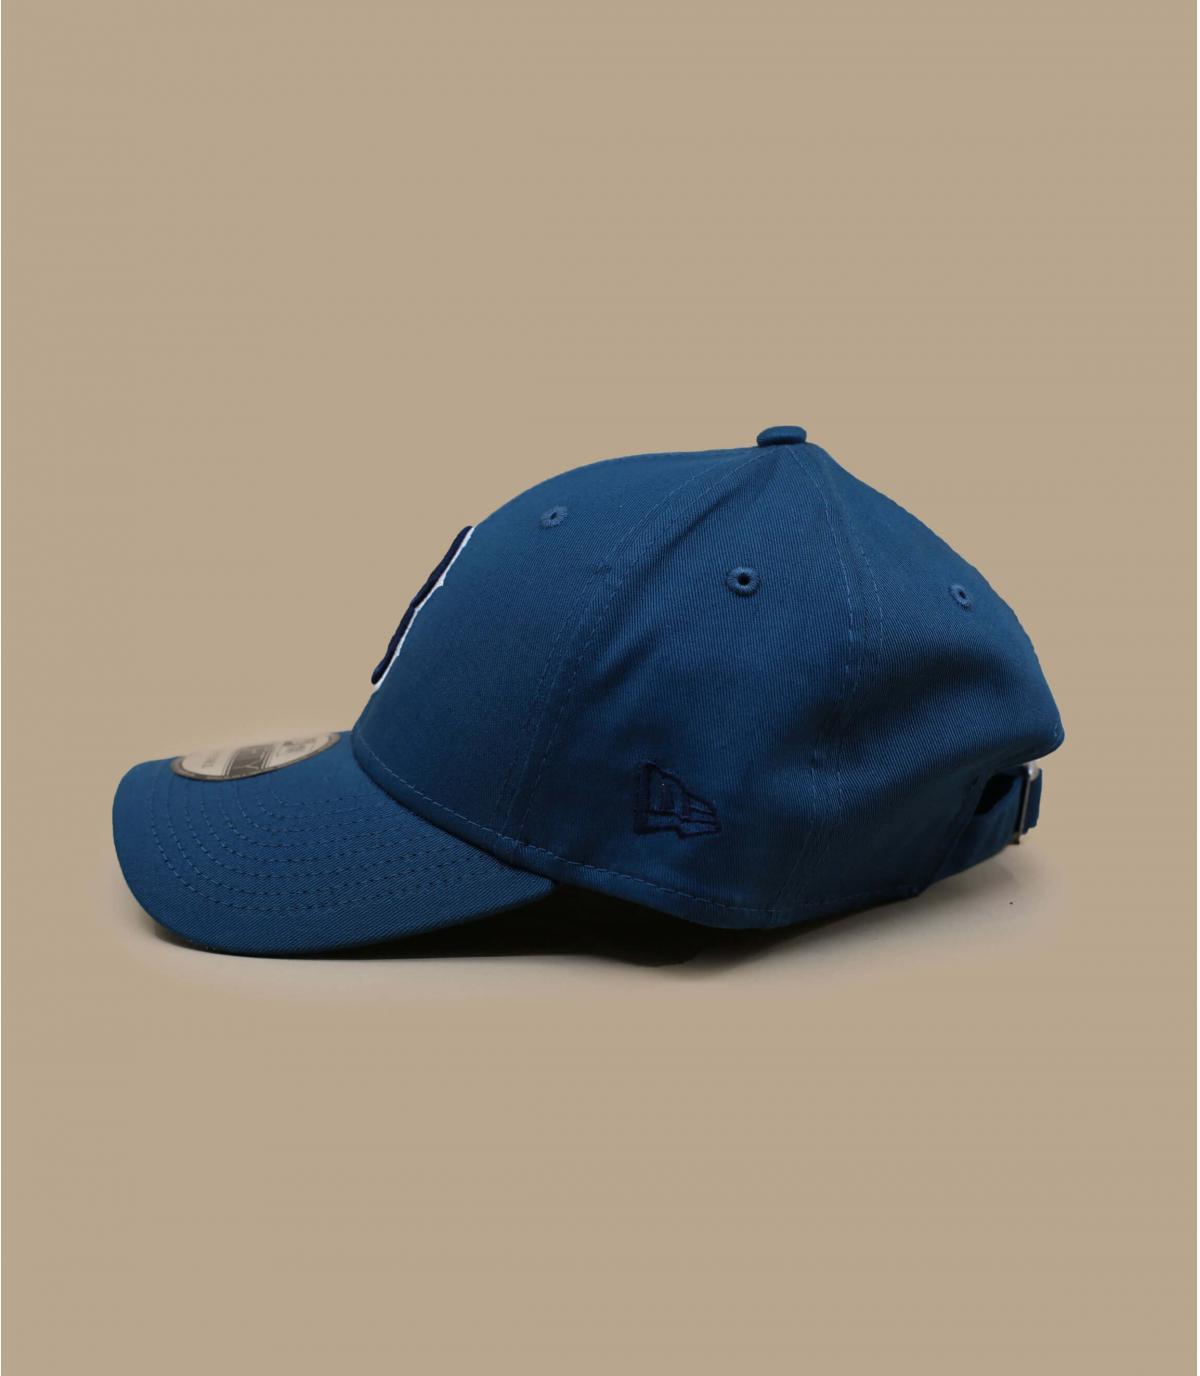 Détails Casquette League Ess Boston 940 cadet blue navy - image 3